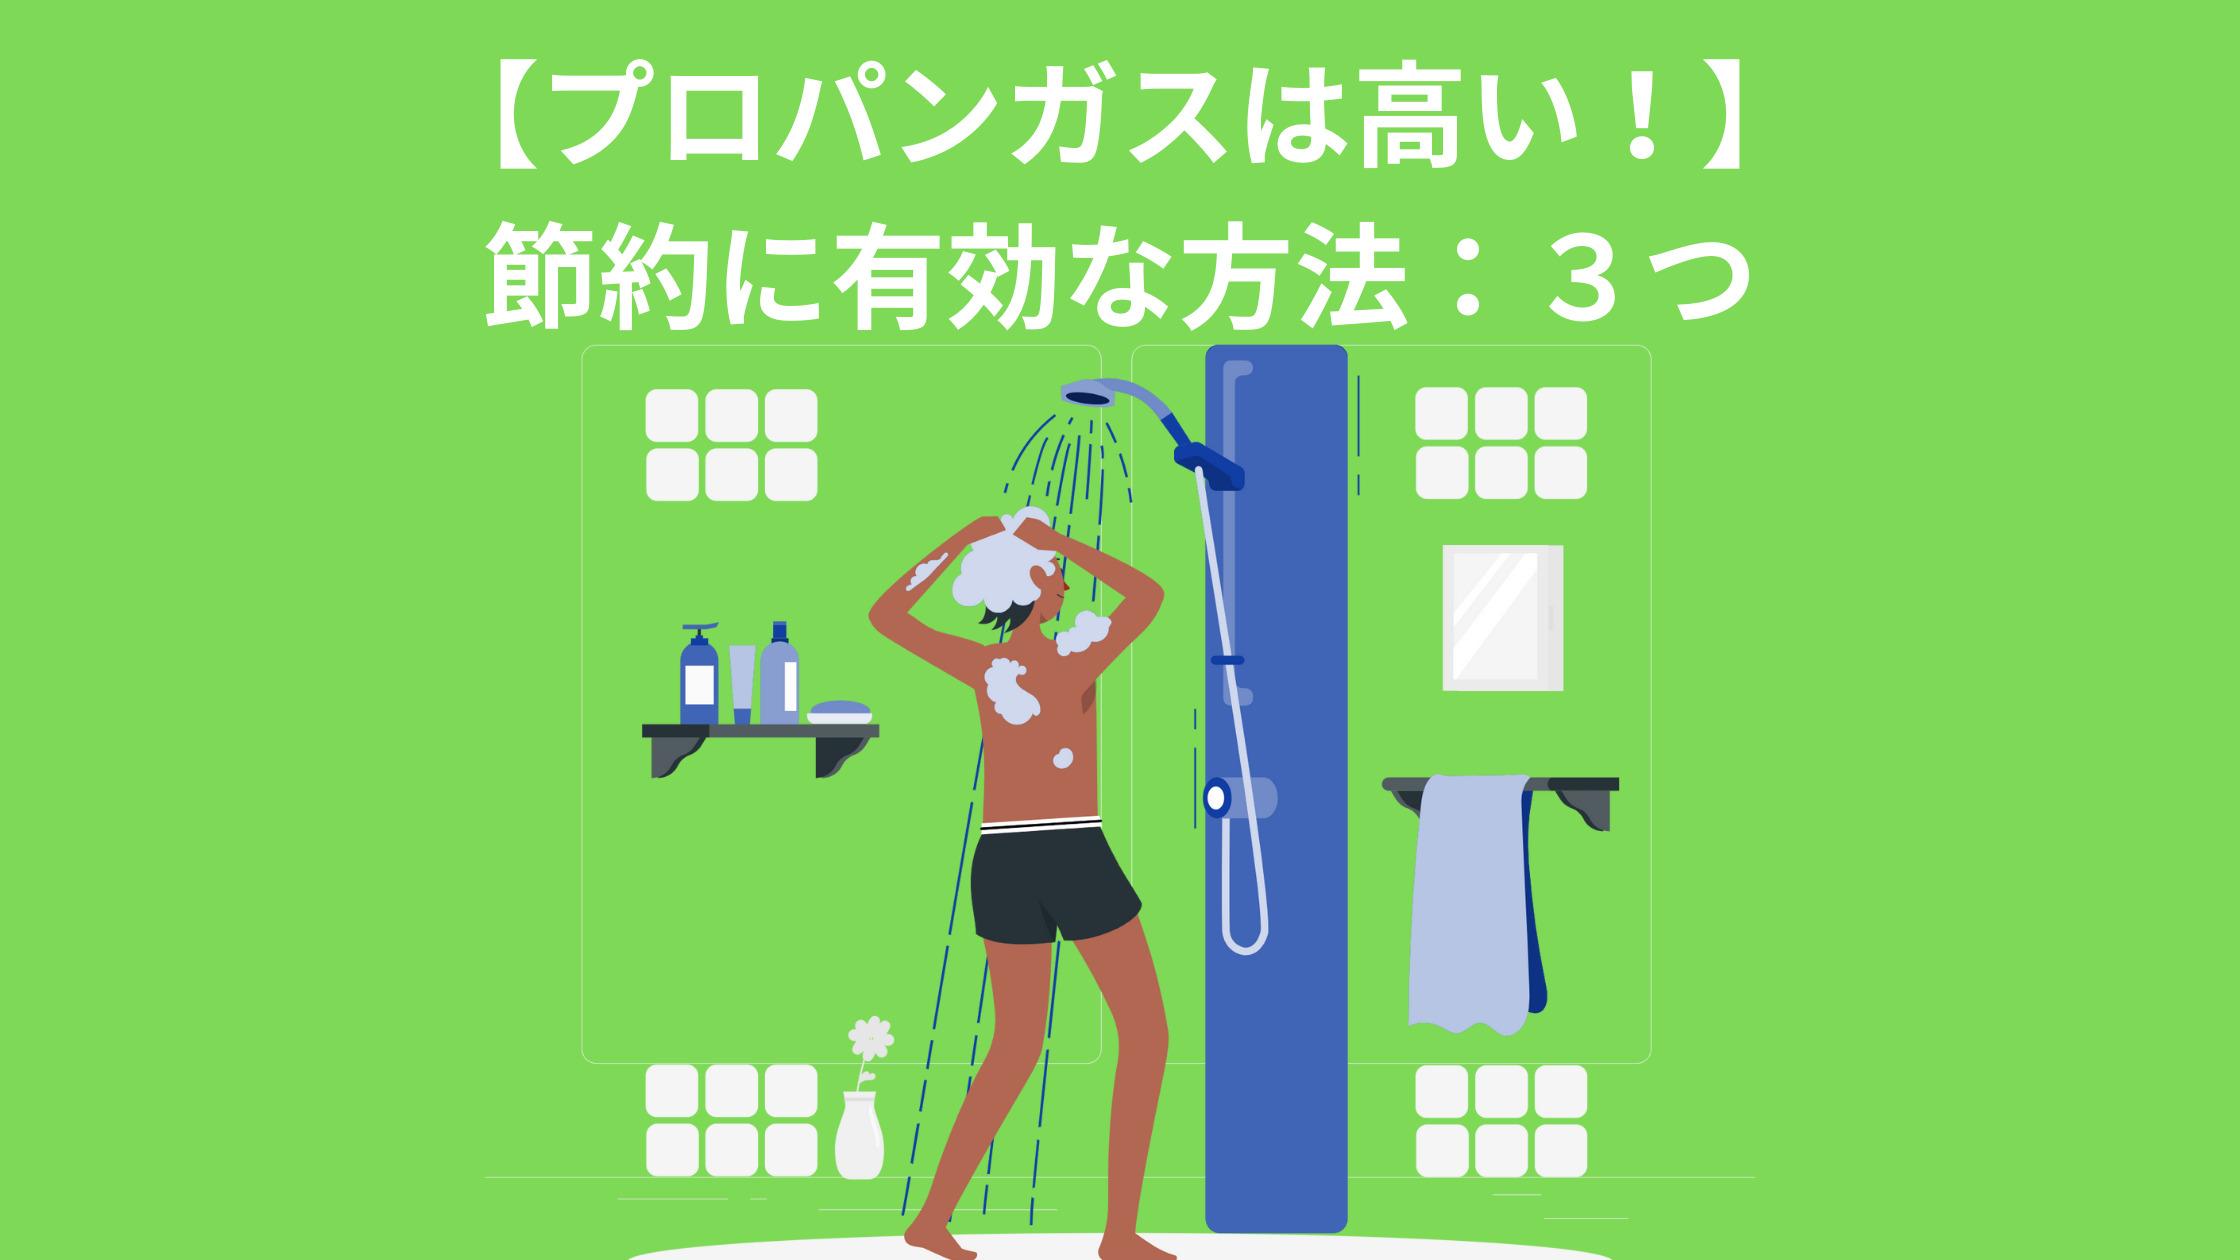 【プロパンガスは高い!】 節約に有効な方法:3つ